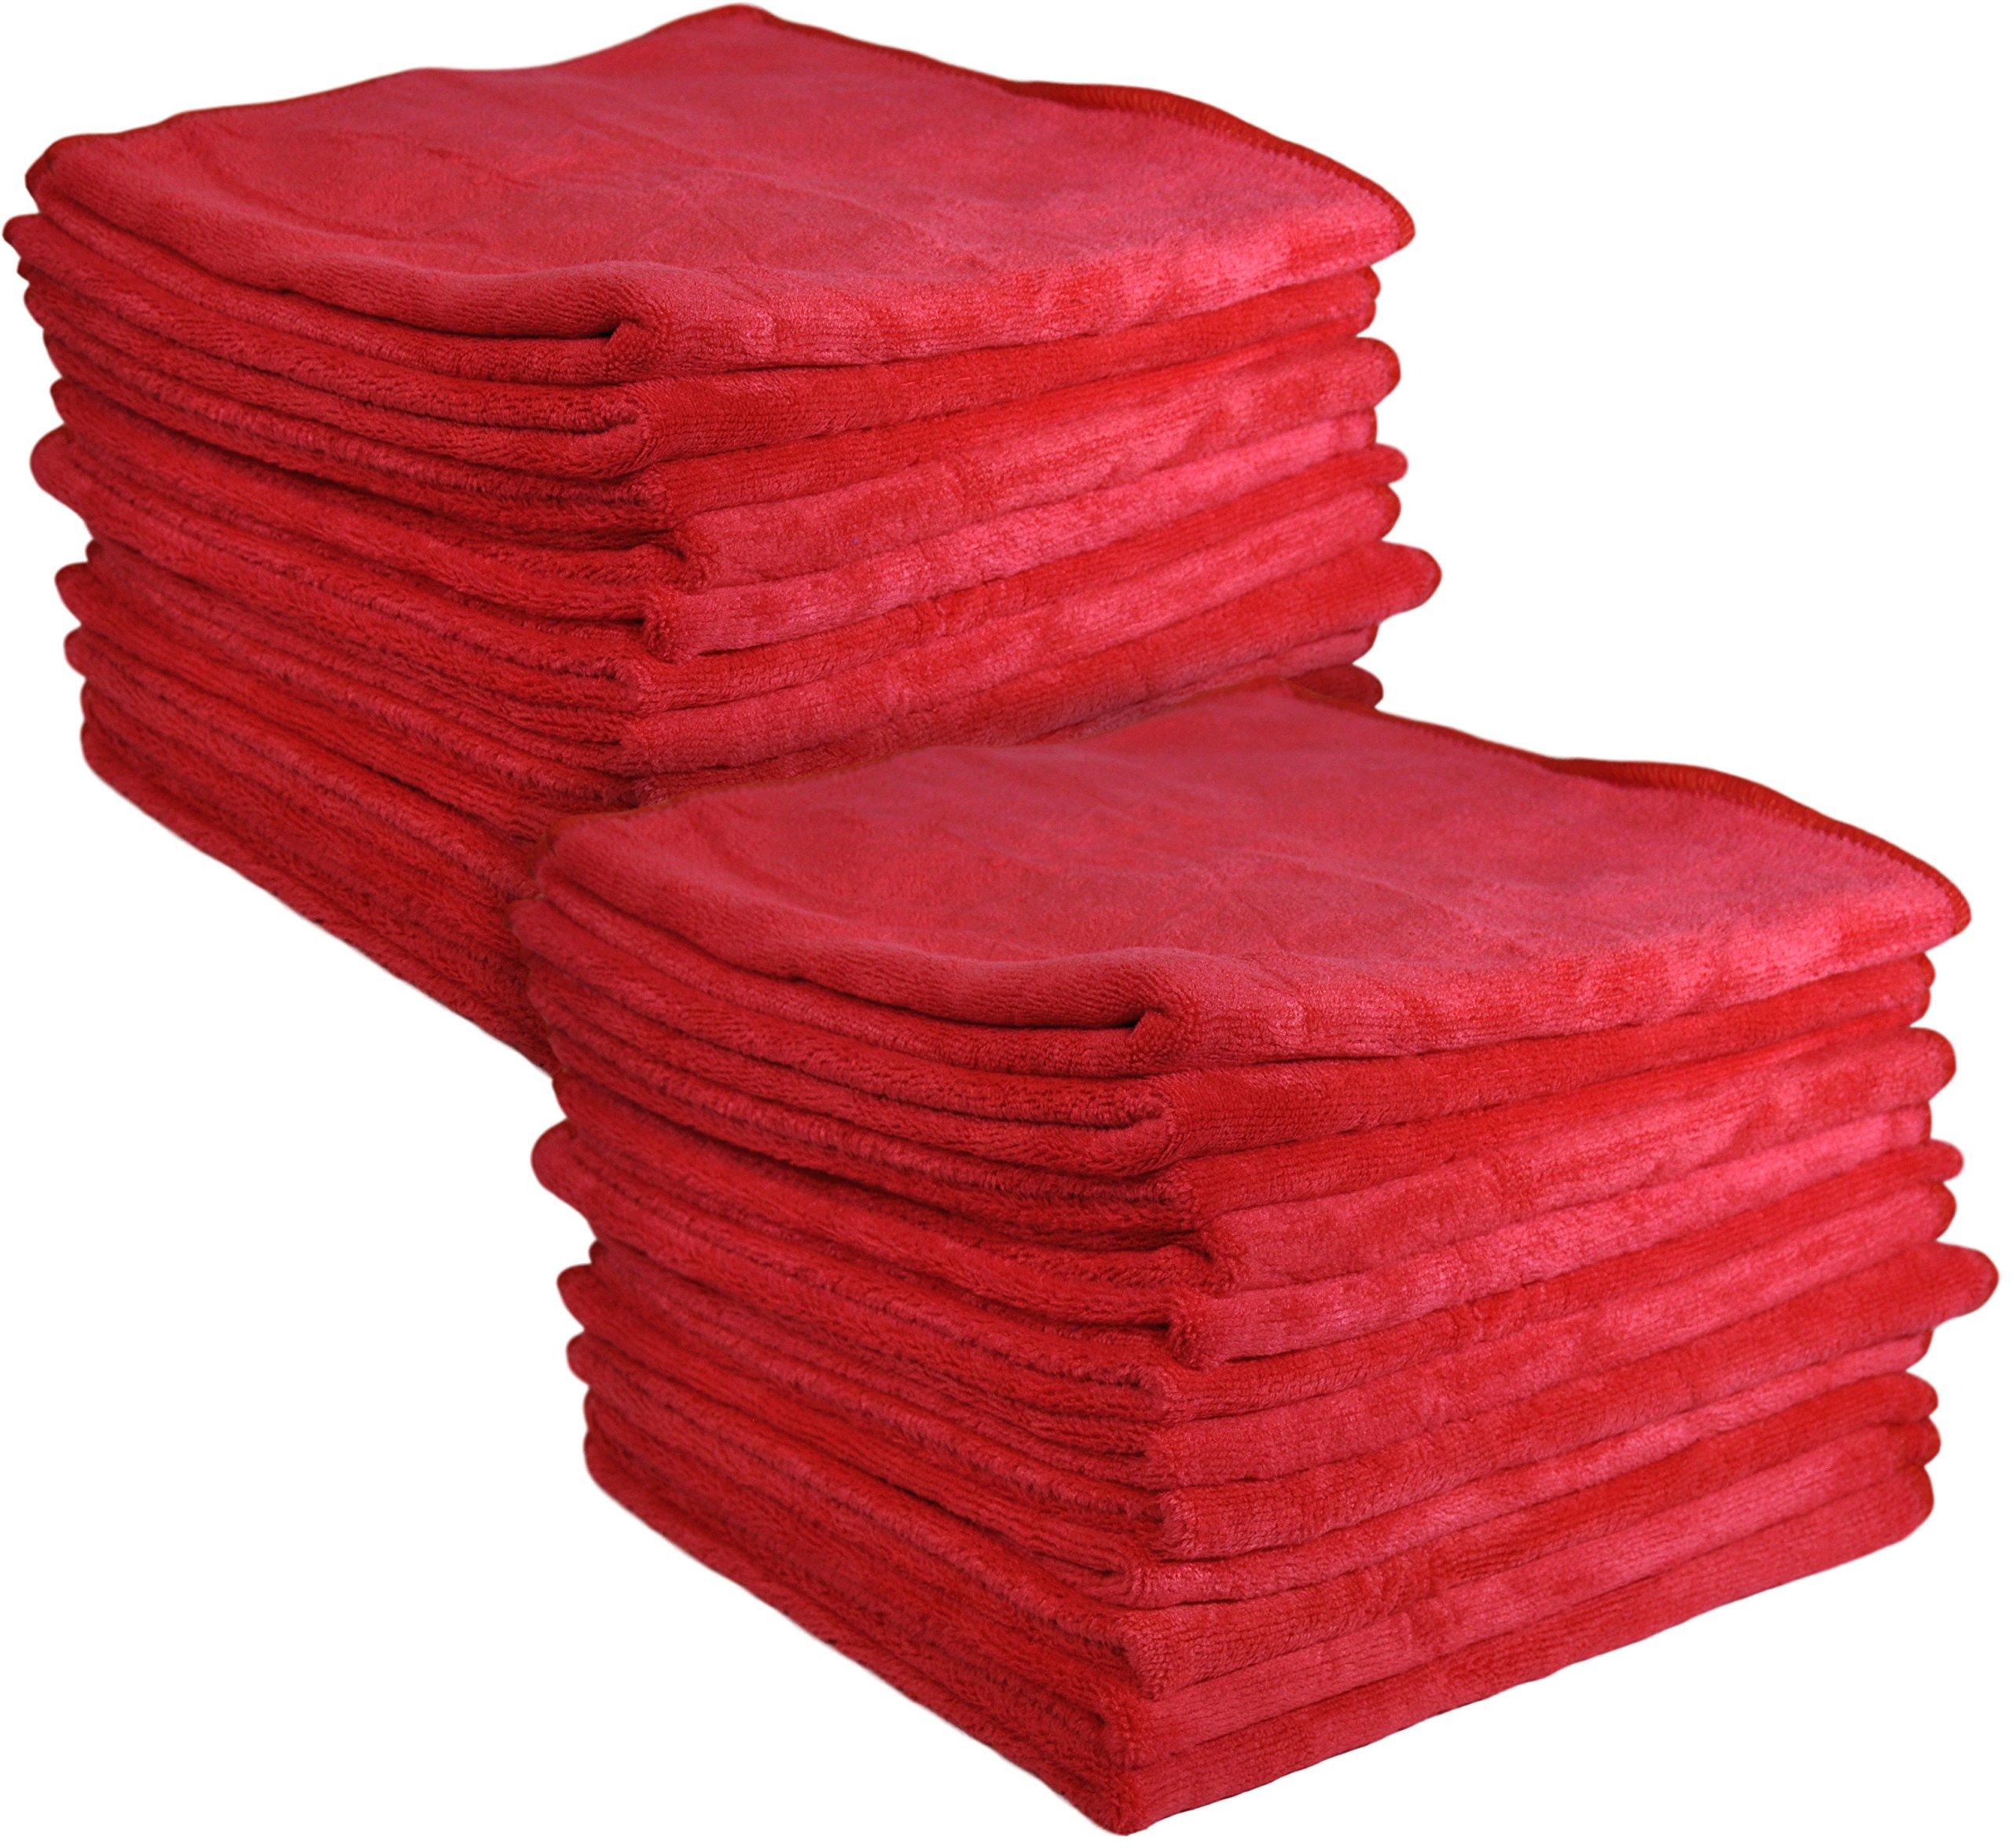 Detailer 365 UItraplush Premium Microfiber Towel (24 Pack, Red)